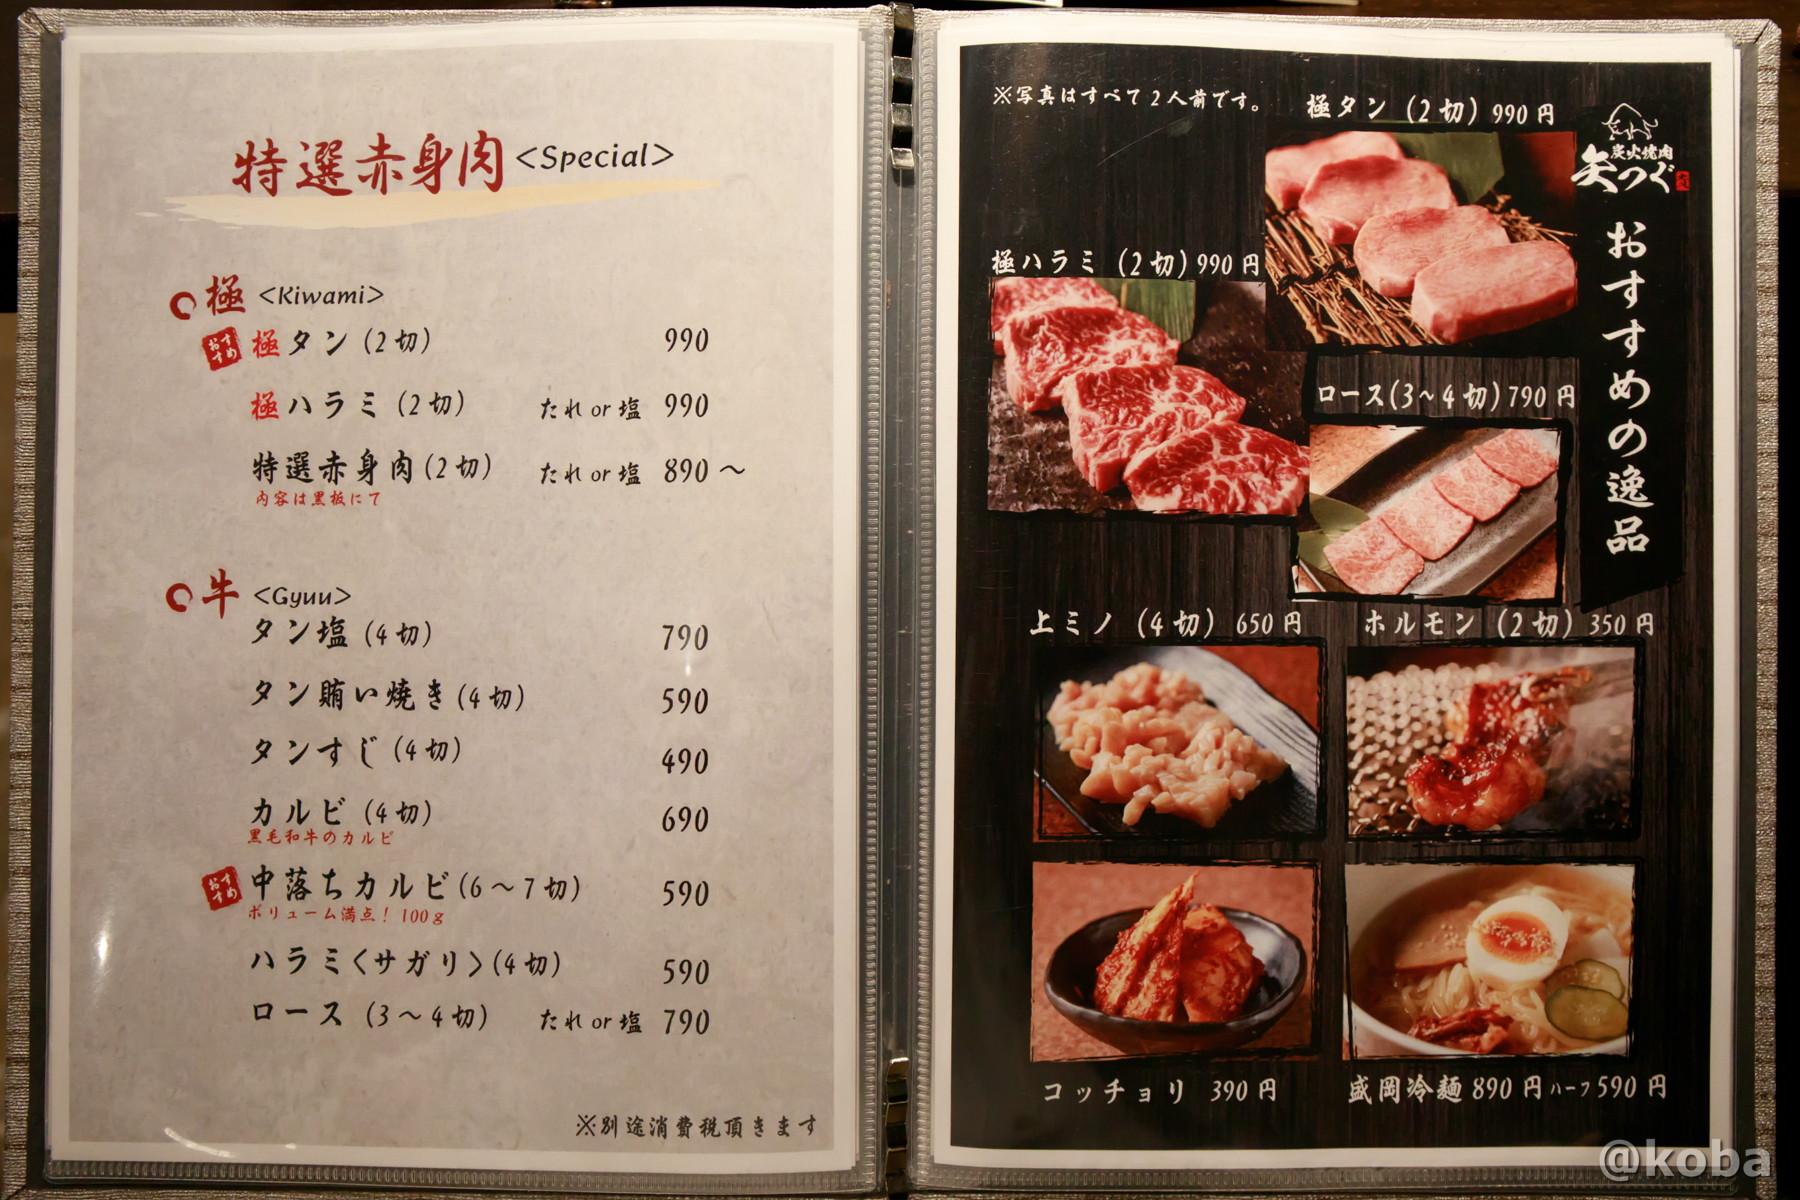 メニュー 特選赤身肉の写真│炭火焼肉 矢つぐ(やつぐ)│東京都江戸川区・京成小岩